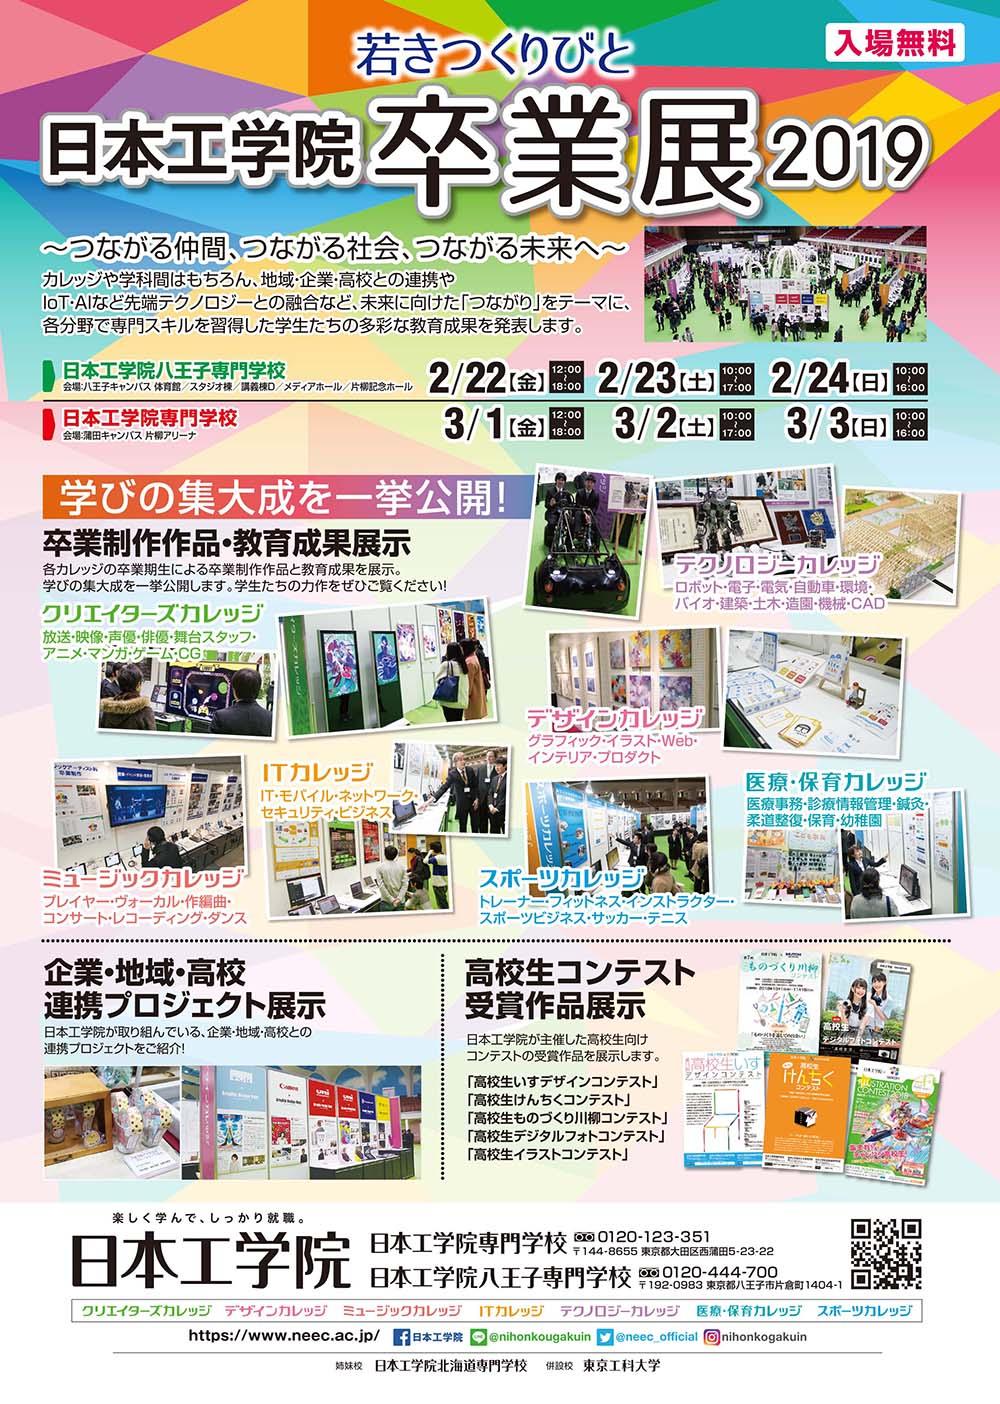 日本工学院 卒業店2019 パンフレット画像1